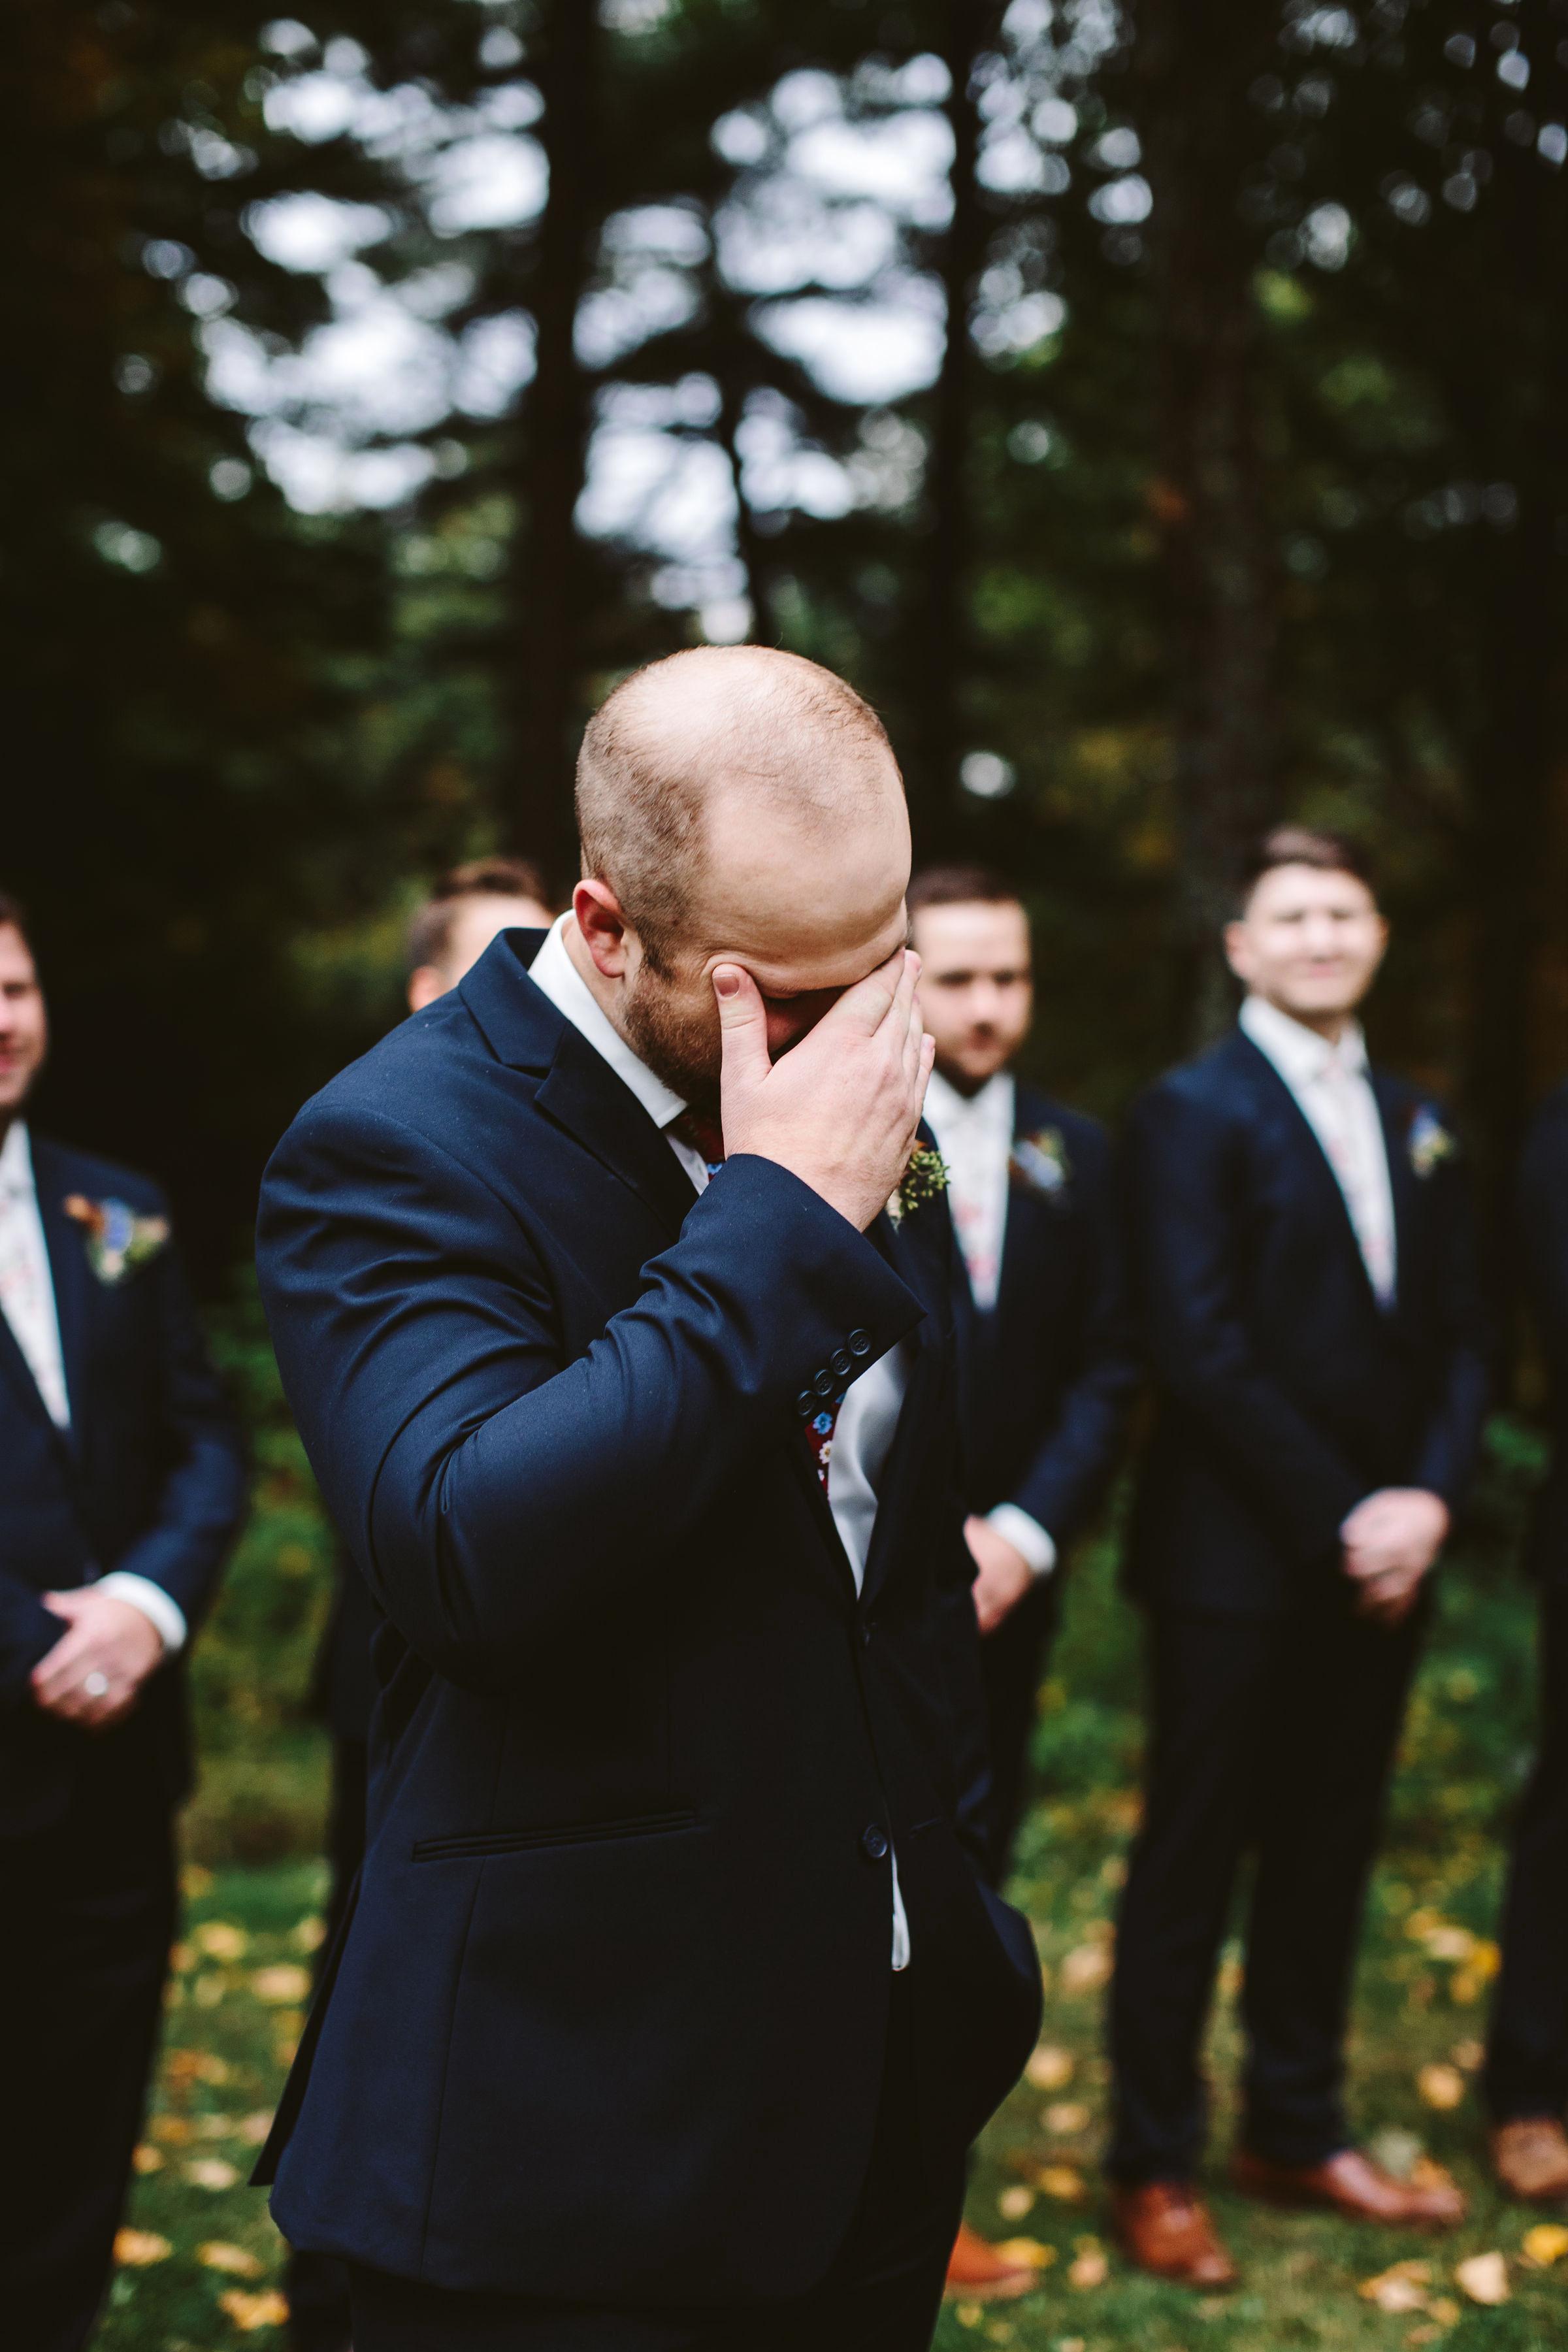 rivka aaron wedding emotional groom